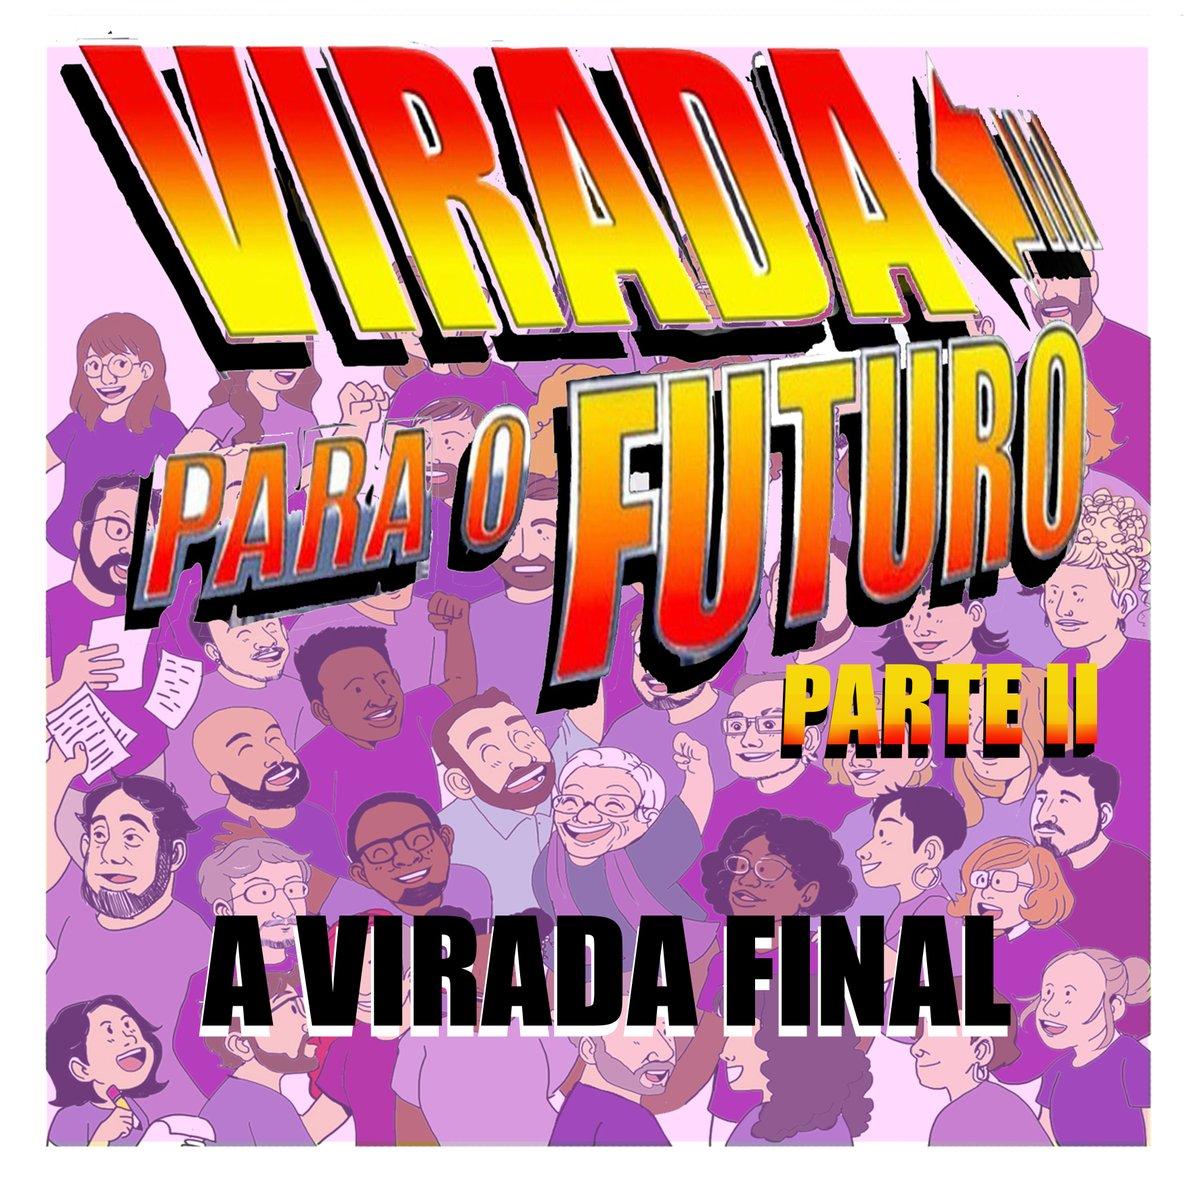 Virada para o futuro parte 2 - A virada final #ViraSP50